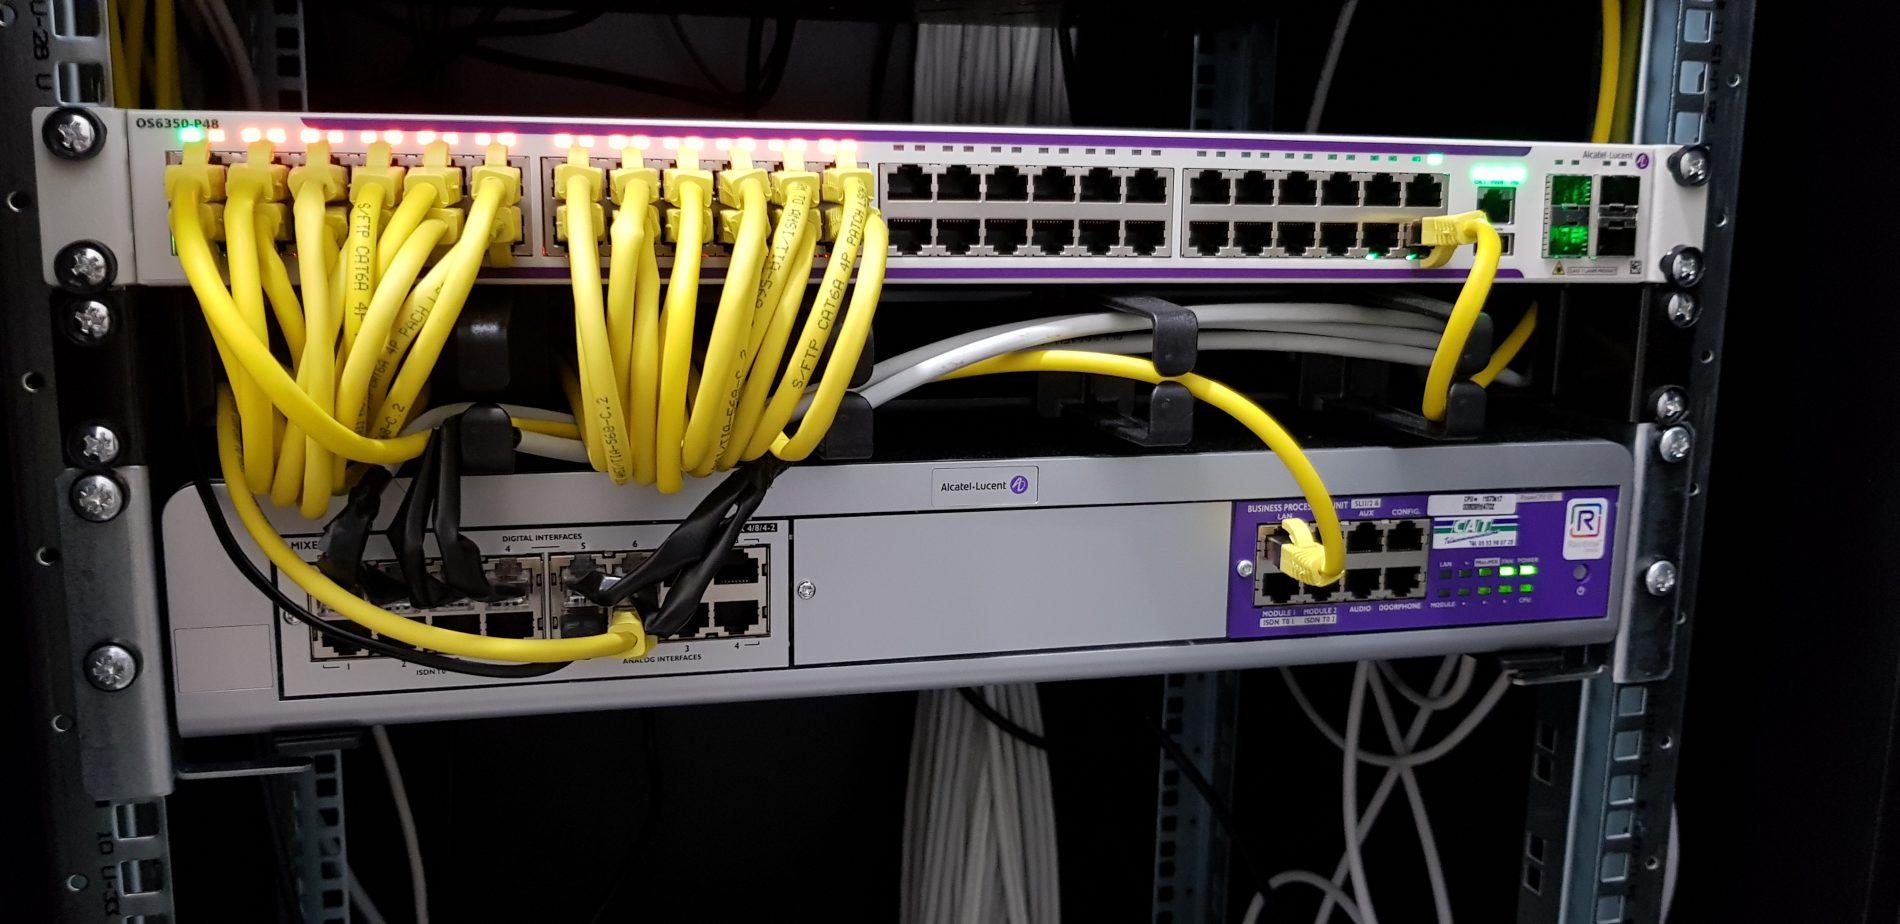 entreprise réseau téléphonique opérateur téléphonique lot et garonne